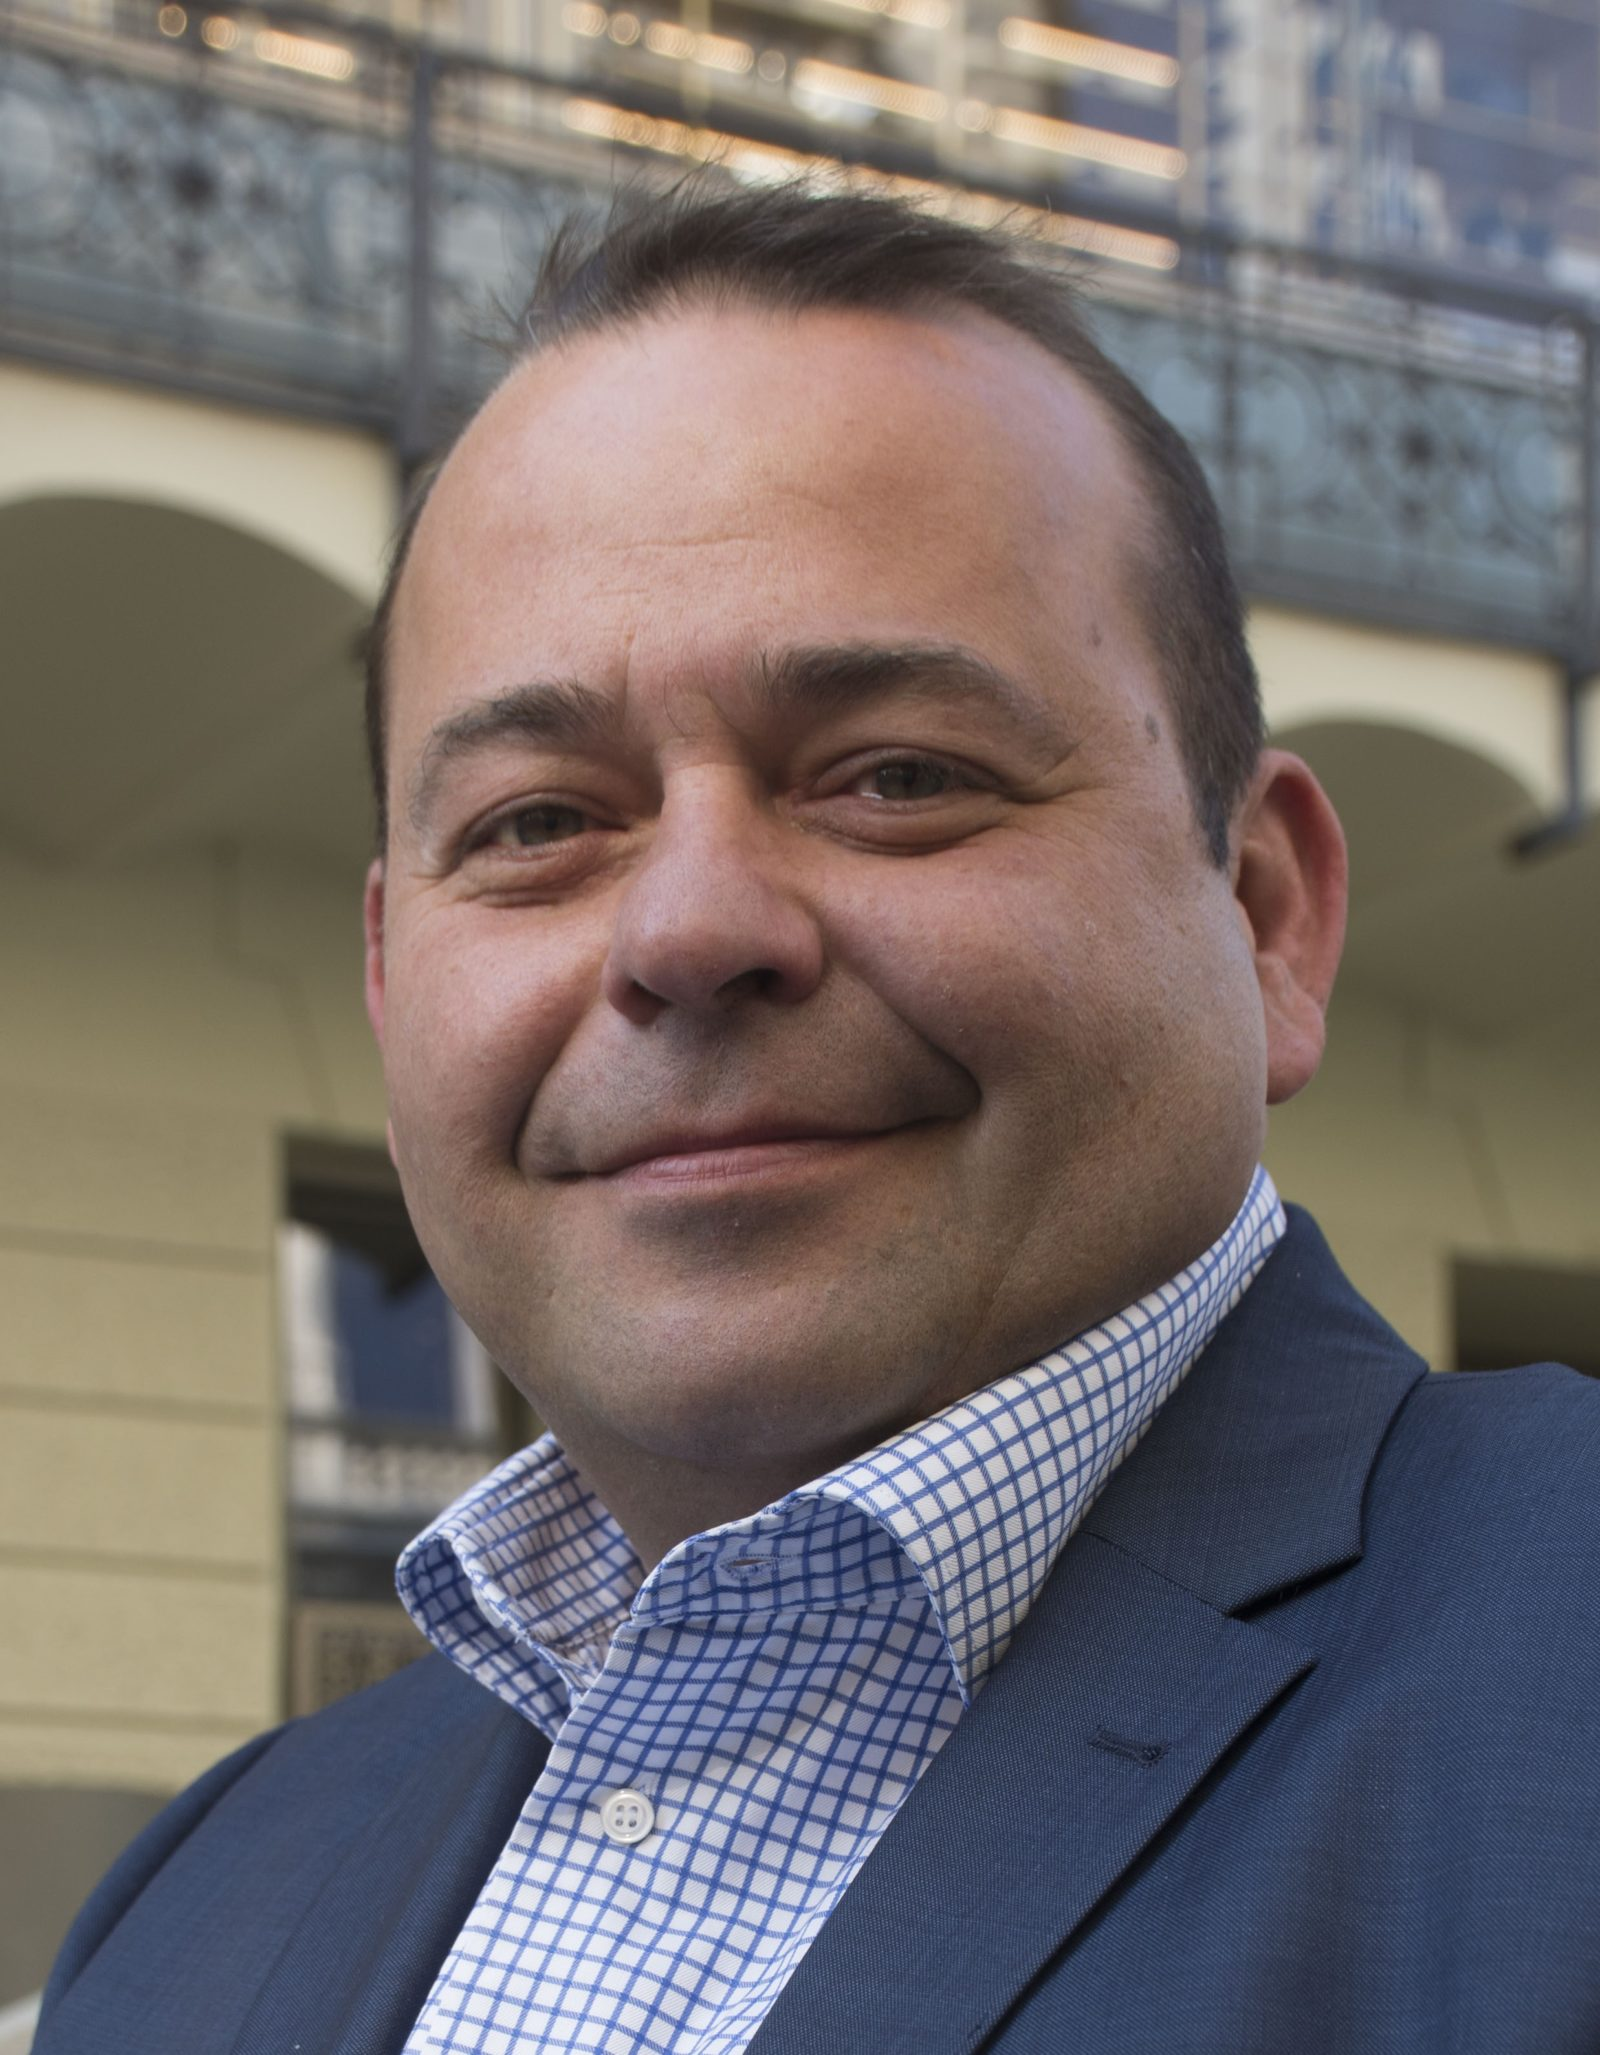 Ronald Goigitzer